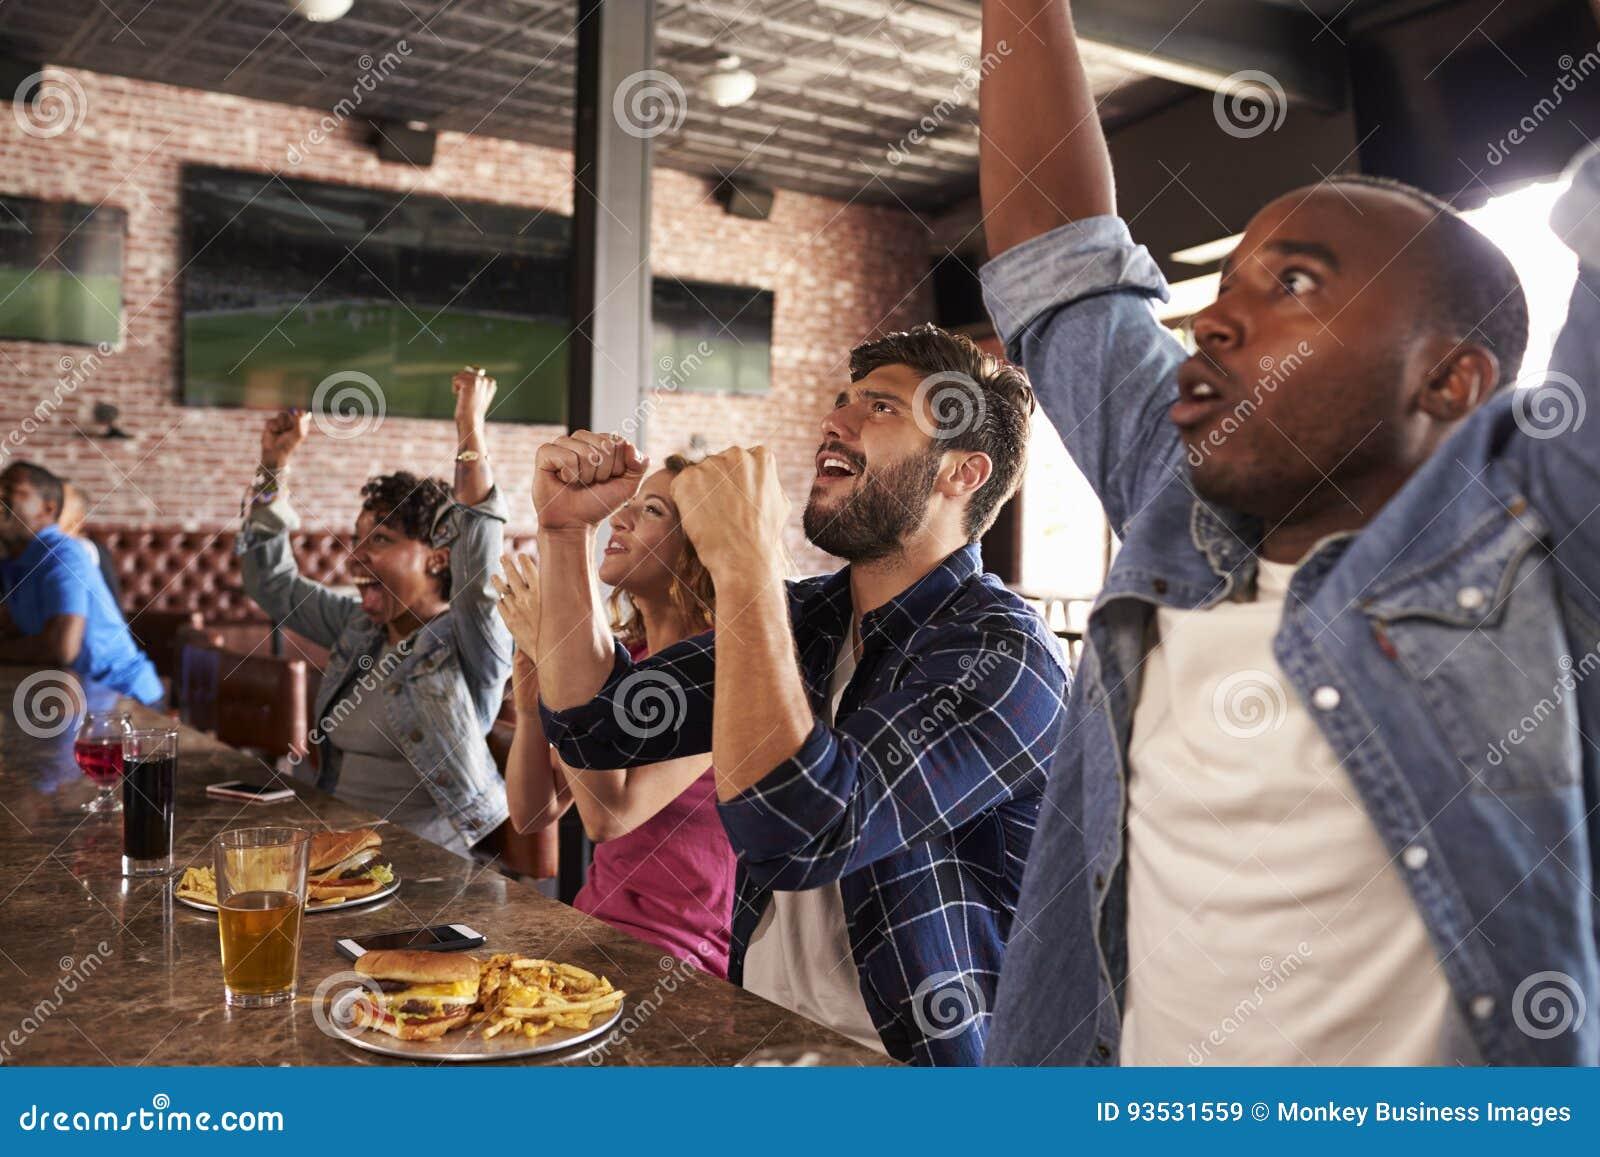 Les amis au compteur dans le jeu de montre de barre de sports et célèbrent